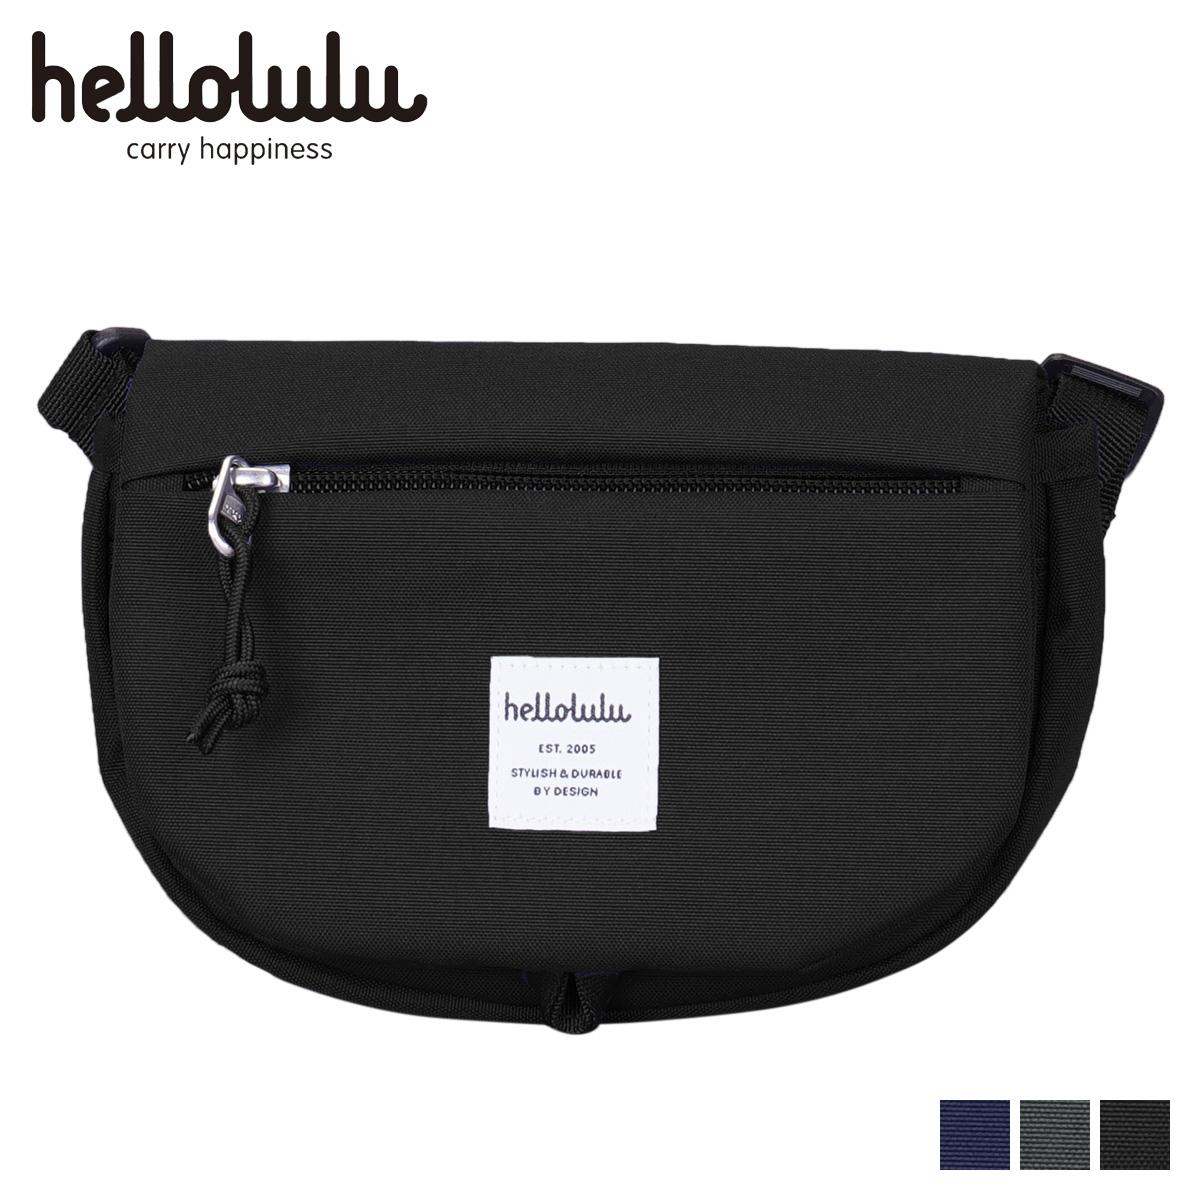 ハロルル hellolulu ショルダーバッグ バッグ エディ メンズ レディース EDDY ブラック チャコール ダーク ブルー 黒 5075118